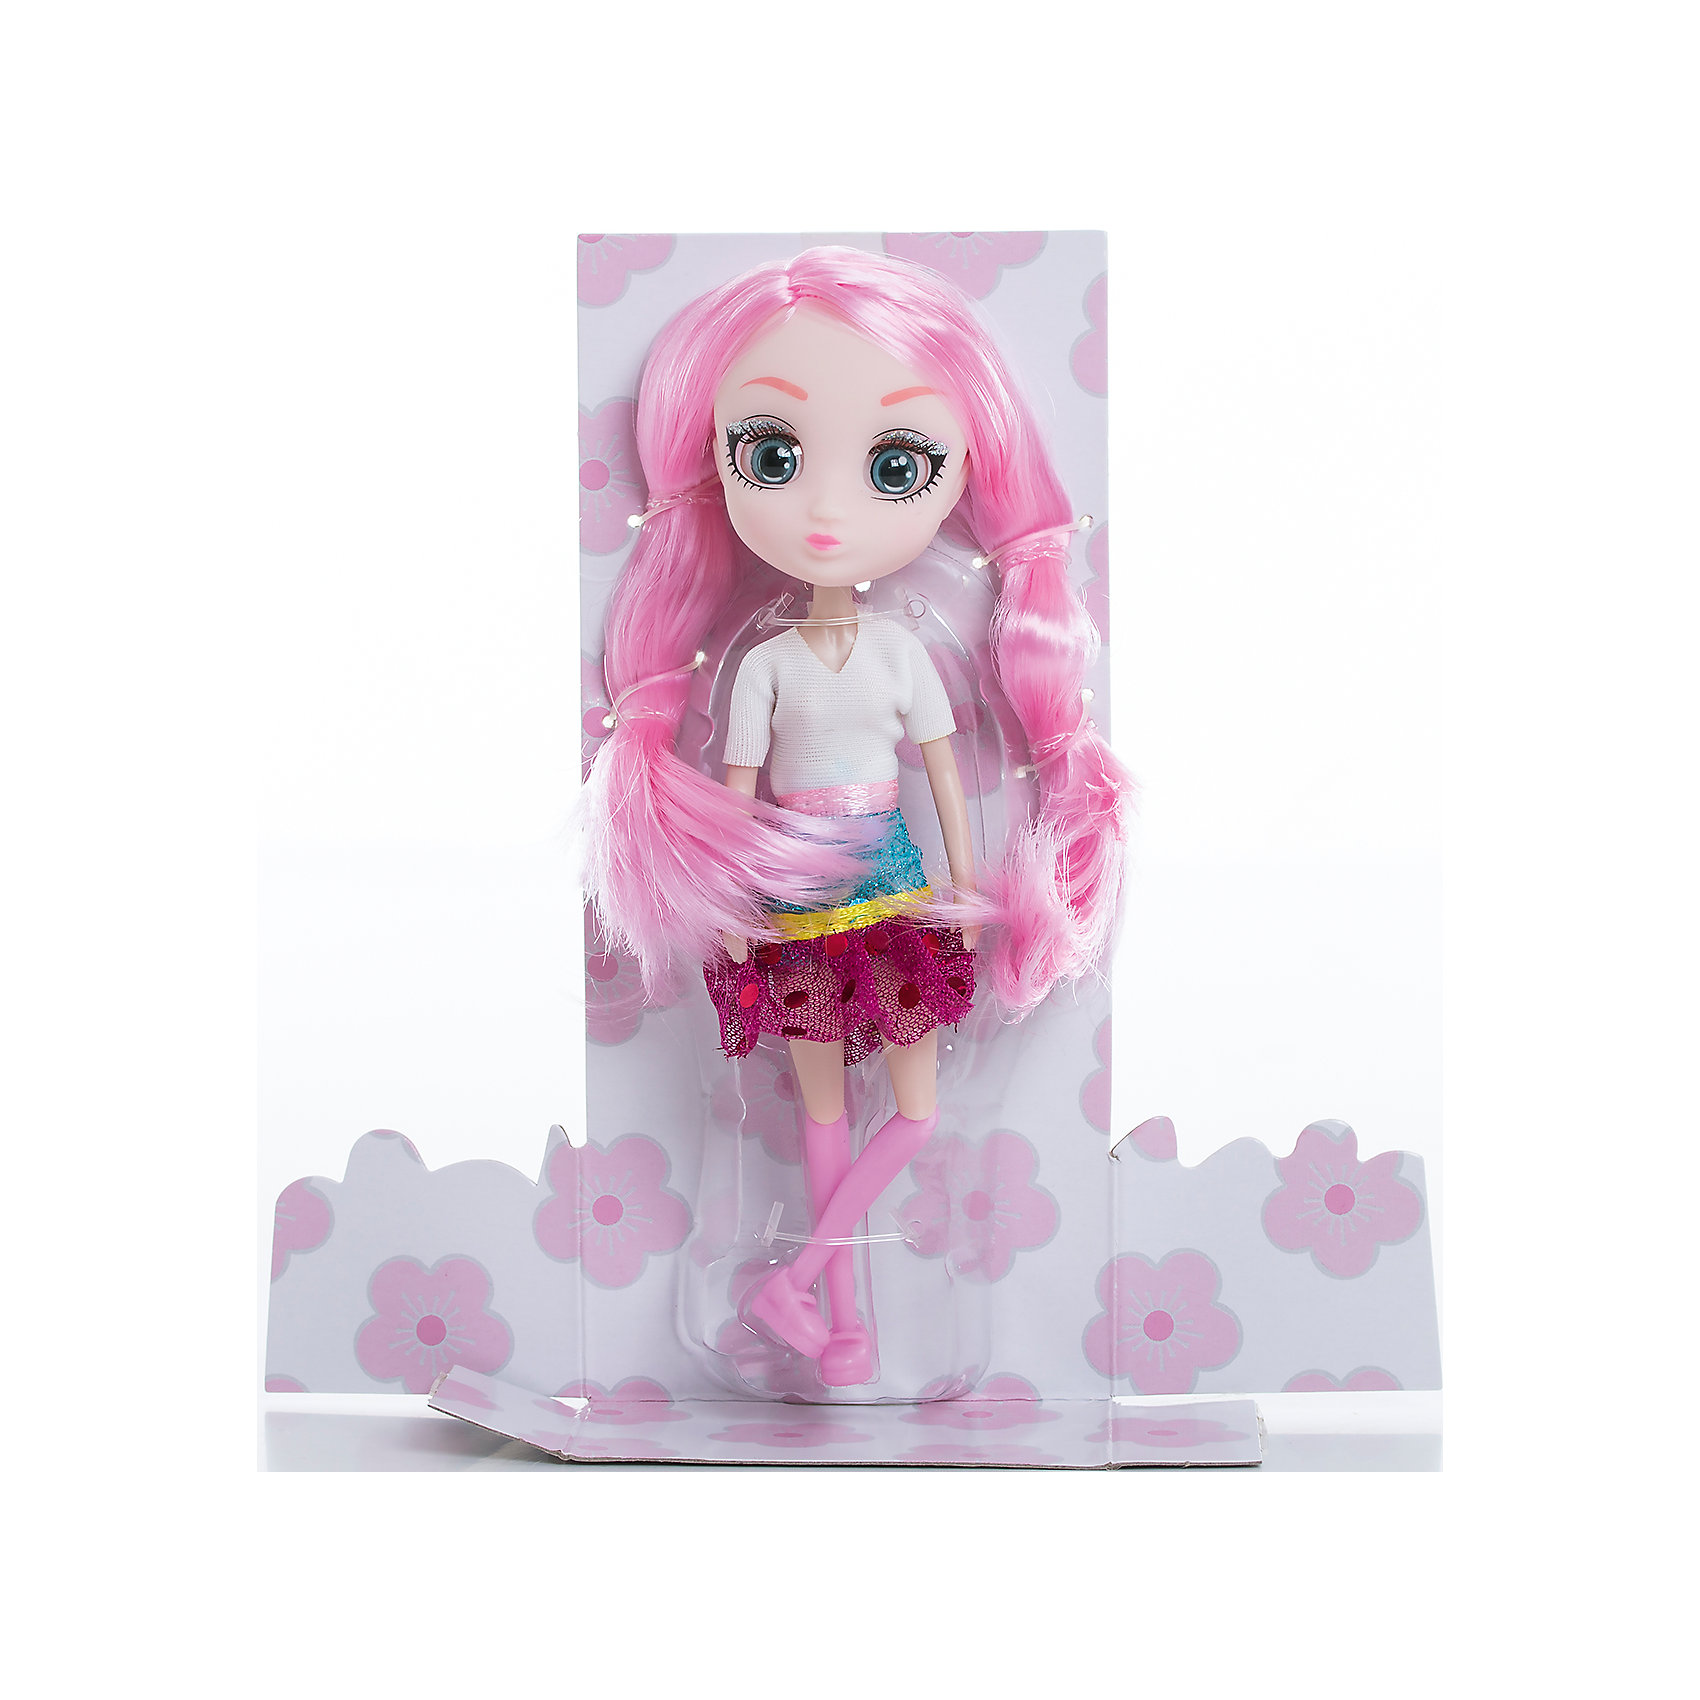 Кукла Сури, 15 см, Шибадзуку ГерлзКуклы<br>Характеристики товара:<br><br>• возраст: от 3 лет;<br>• материал: пластик,текстиль;<br>•высота куклы: 15 см;<br>•в комплекте : кукла,аксессуары;<br>• размер упаковки: 5х8х17 см;<br>• вес упаковки: 87 гр.;<br>• страна обладатель бренда: Австралия;<br>• бренд: Hunter Products. <br><br>Кукла Сури из коллекции Shibajuku Girls в абсолютно новом образе. Модняшка Сури просто обожает все цветное, у нее очень большая коллекция самых разных аксессуаров, а еще малышка настоящий кулинар, ее любимое занятие — печь кап-кейки. Нельзя оставить без внимания наряд Сури, она одета в белую кофточку с коротким рукавом и блестящую юбочку с пайетками. <br><br>У Сури огромные глаза, яркий макияж и очень стильная прическа — длинные розовые волосы. Девочка сможет создать для любимой куклы любую прическу, которую только пожелает, волосы легко расчесываются. <br><br>У куклы подвижная голова, руки и ноги. Руки без шарниров, а вот ноги сгибаются в бедре, прокручиваются и сгибаются в колене. <br> <br>Куклу Сури ,15 см  можно приобрести в нашем интернет-магазине.<br><br>Ширина мм: 80<br>Глубина мм: 50<br>Высота мм: 170<br>Вес г: 87<br>Возраст от месяцев: 36<br>Возраст до месяцев: 2147483647<br>Пол: Женский<br>Возраст: Детский<br>SKU: 6916233